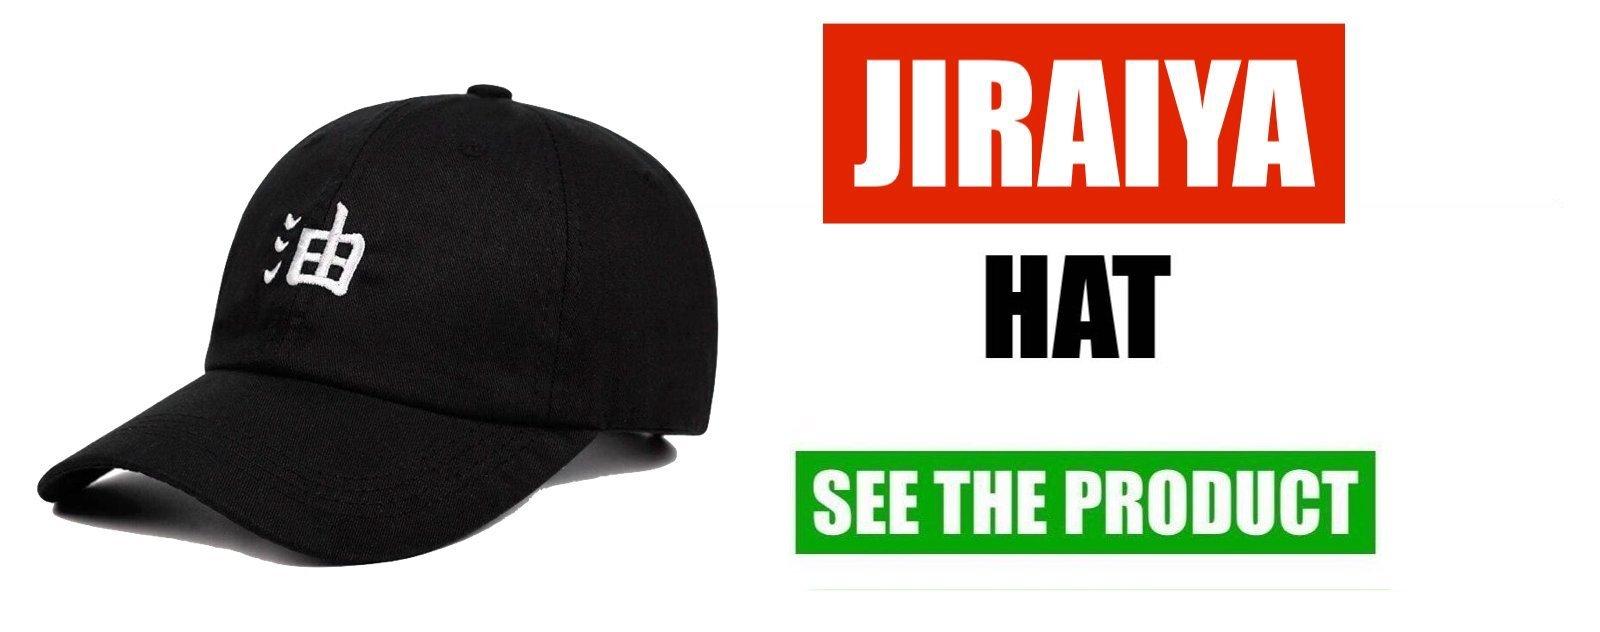 jiraiya hat